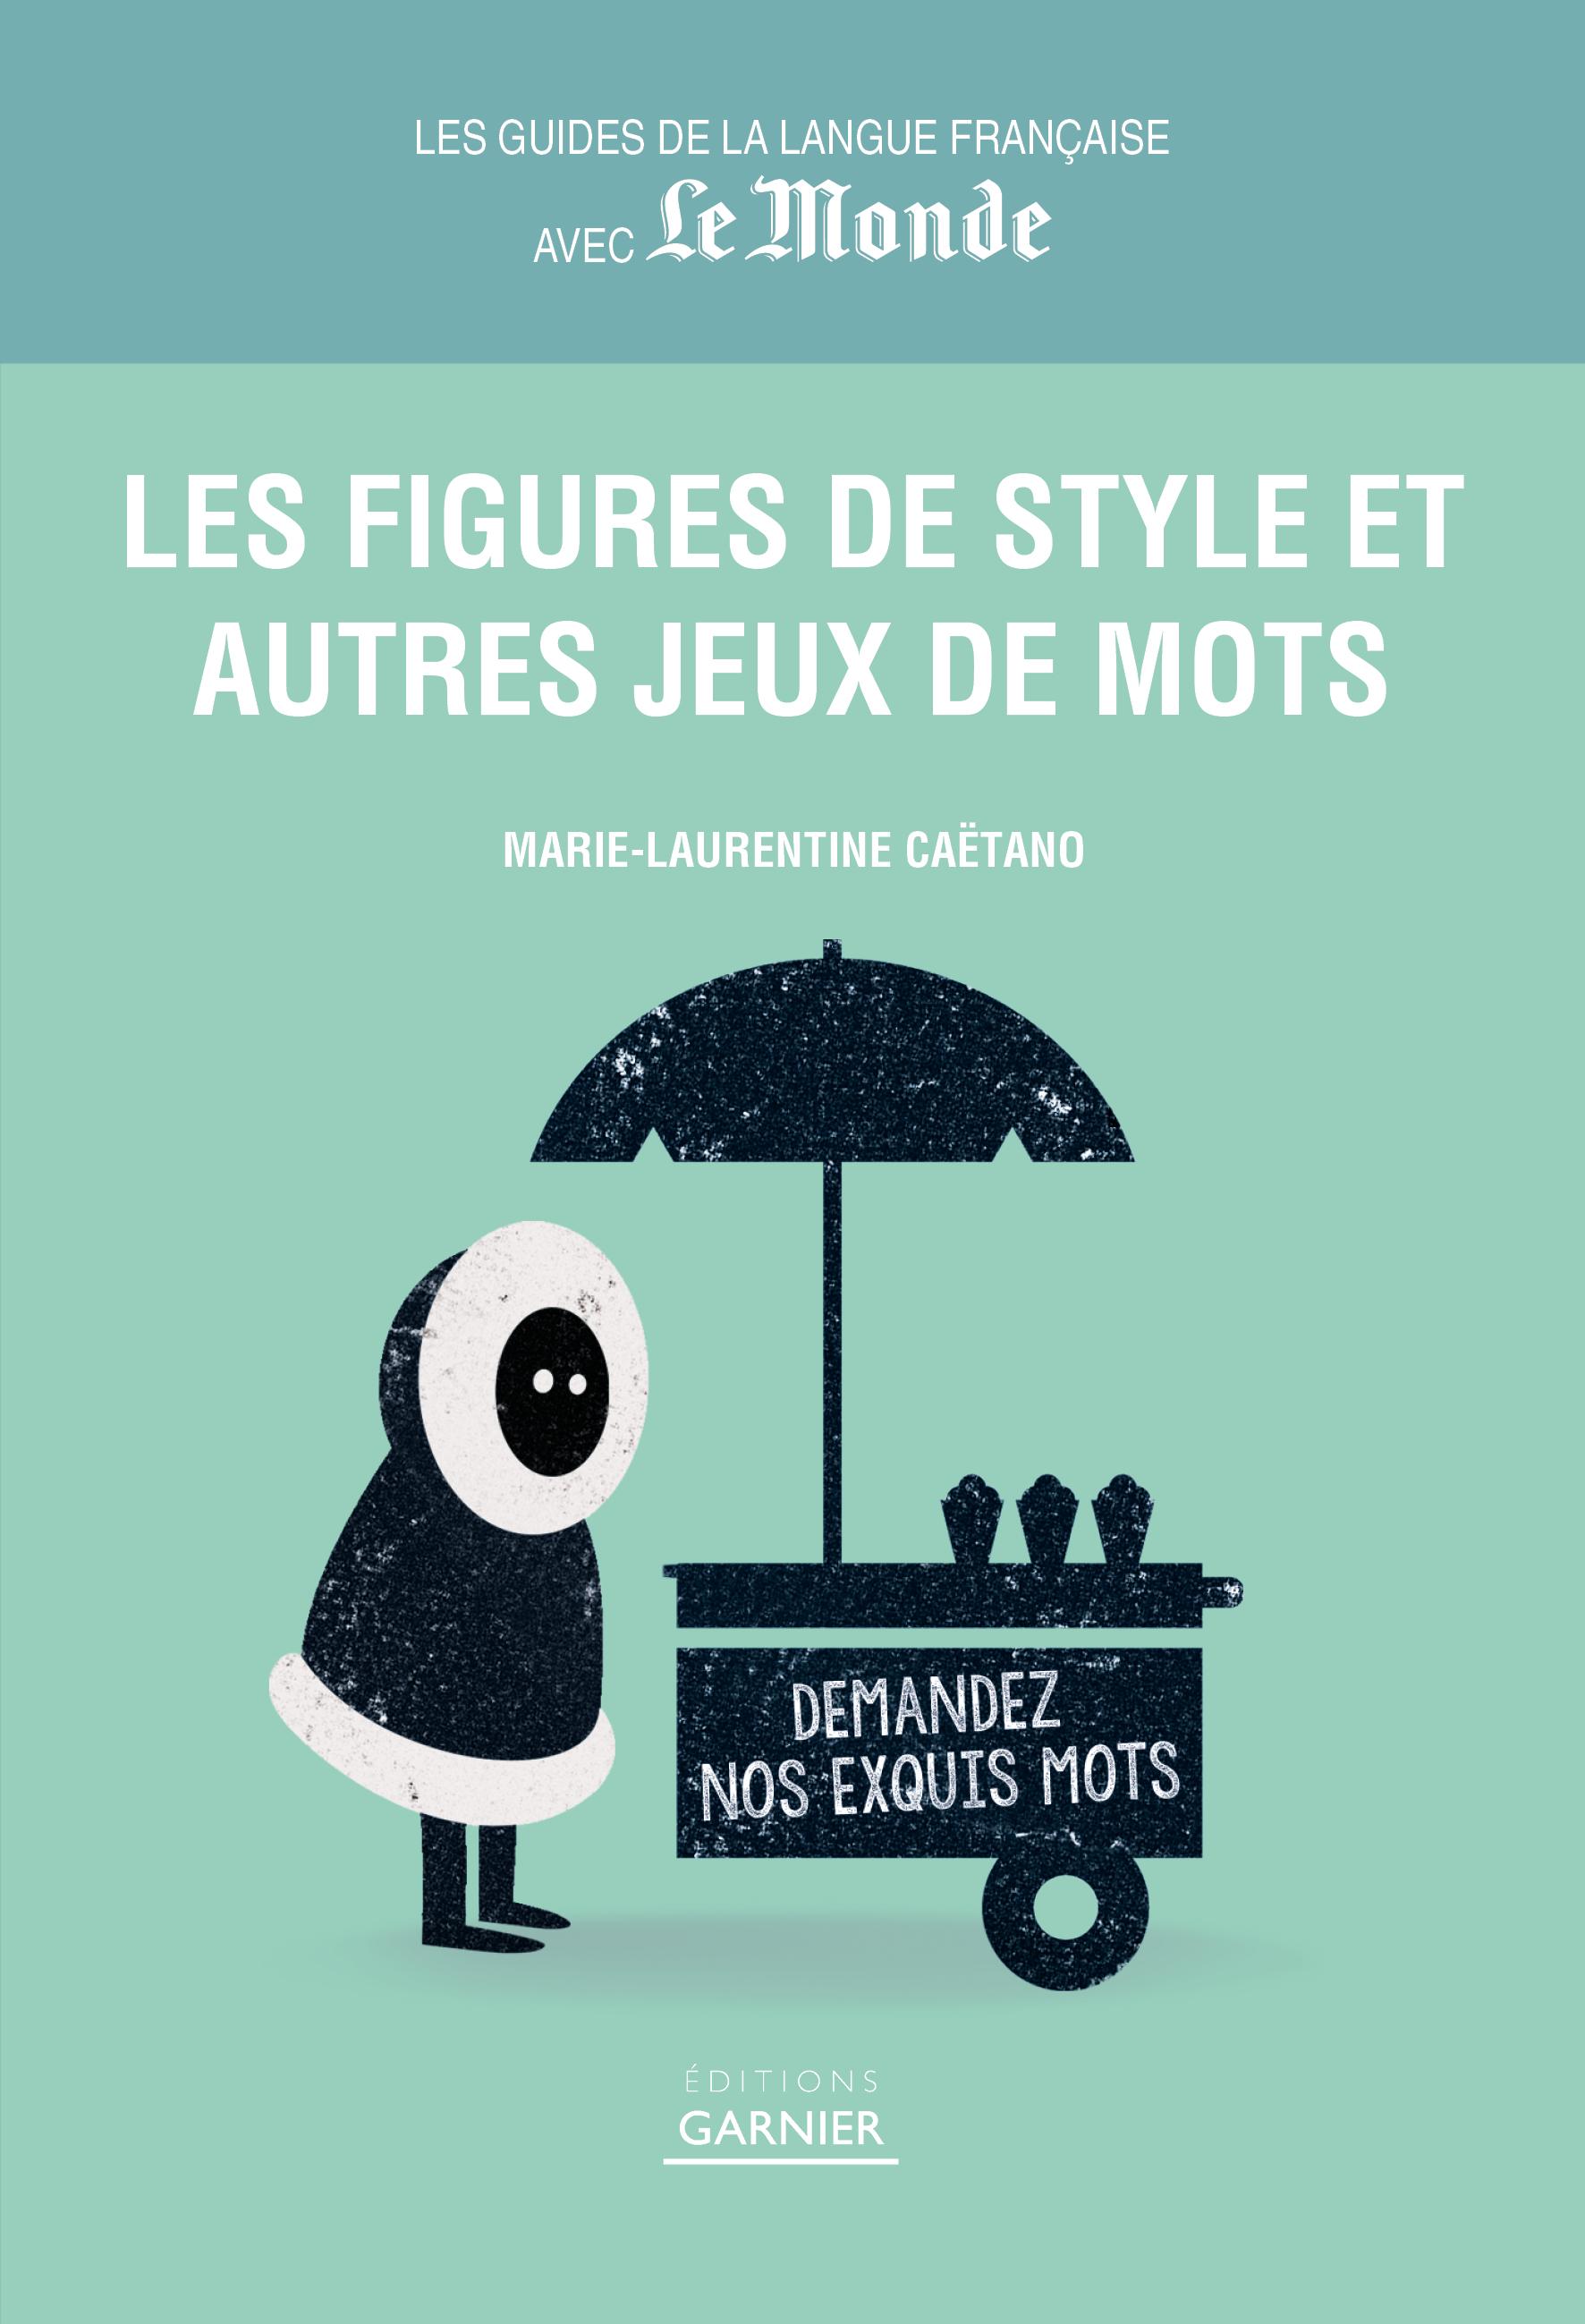 FIGURES DE STYLE ET AUTRES JEUX DE MOTS